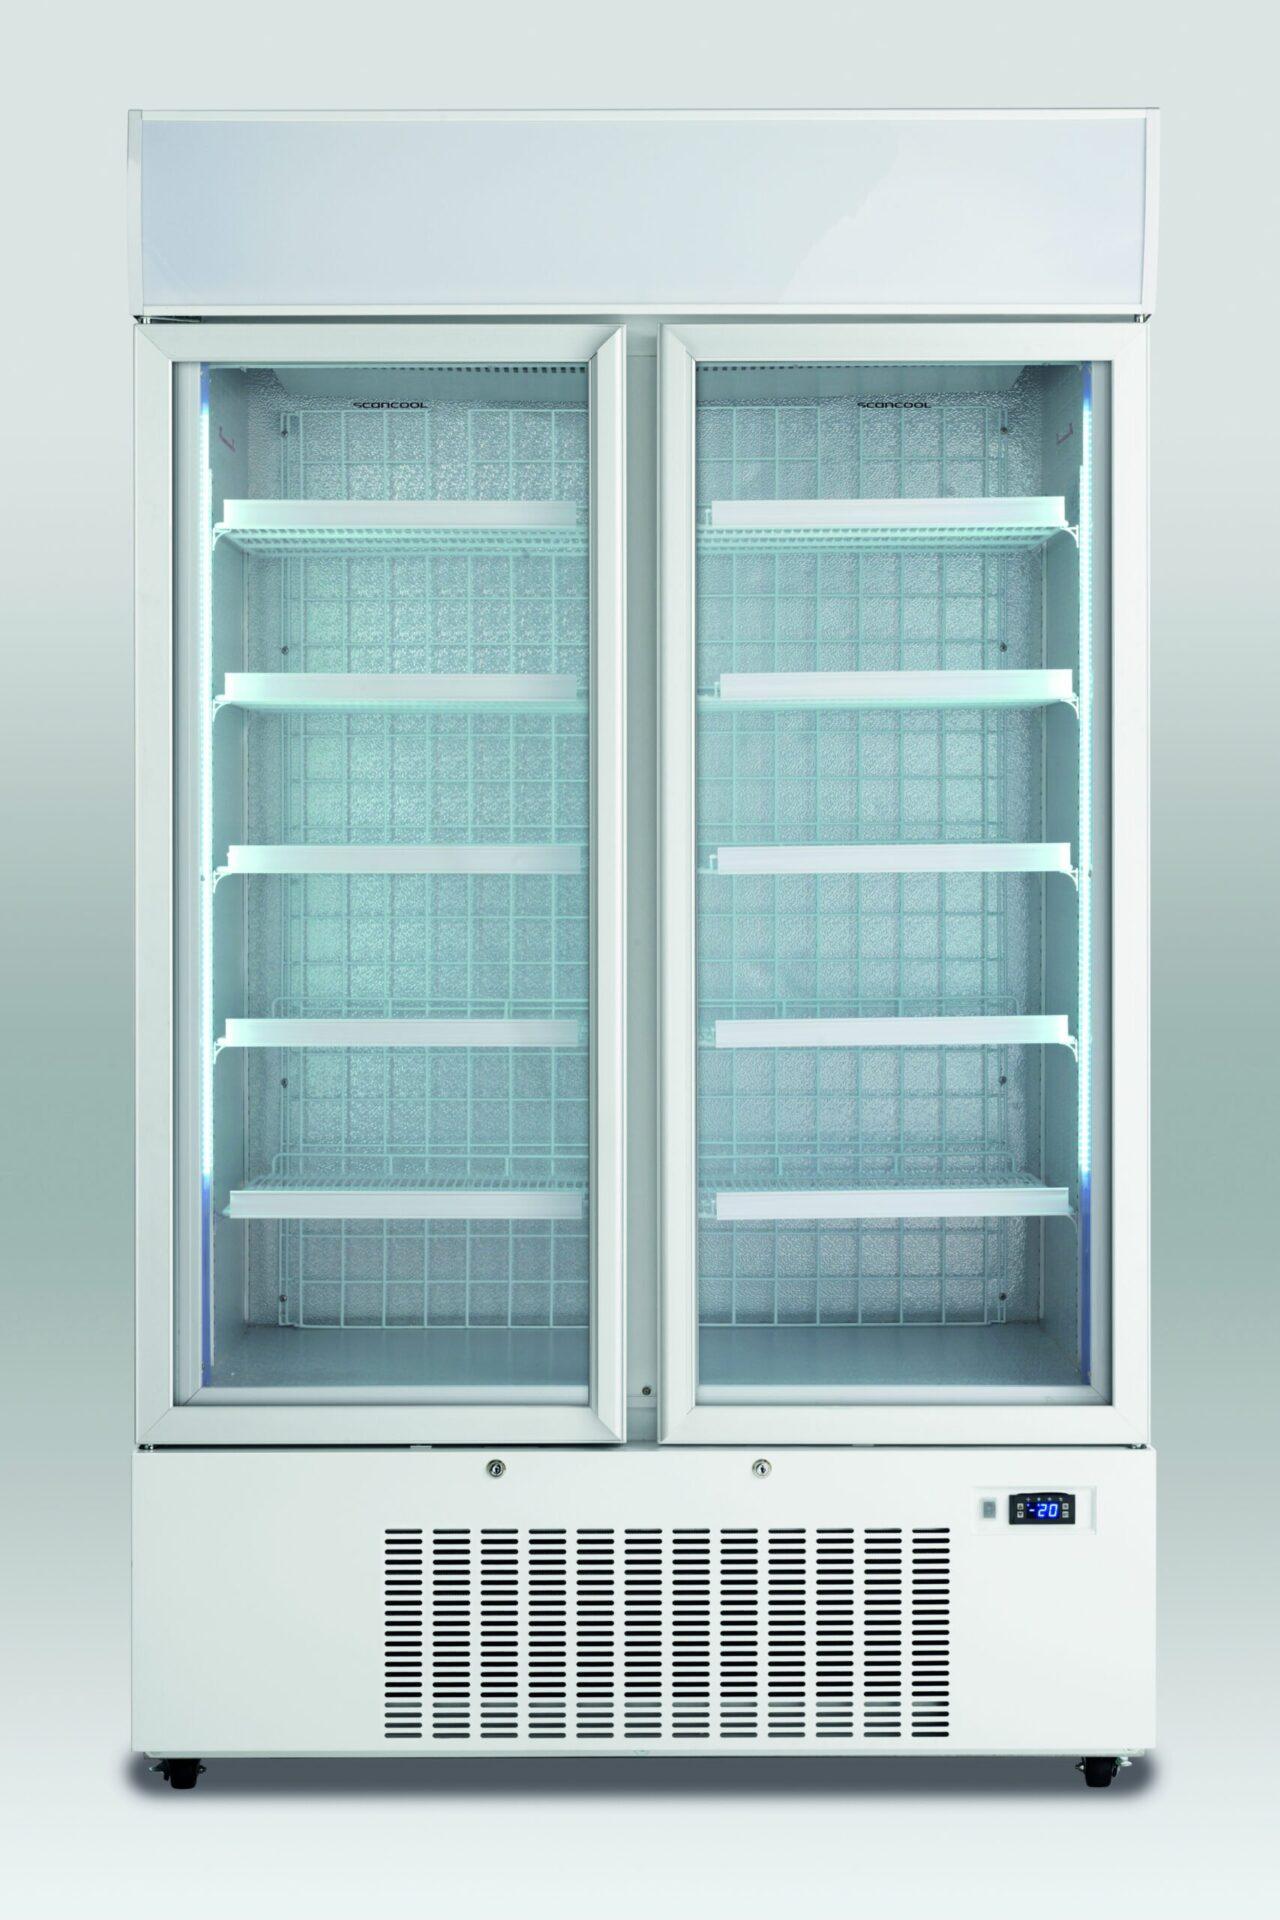 Dobbelt displayfryser, Scan KF 990  perfekt til forretningen med selvbetjeningsvarer.